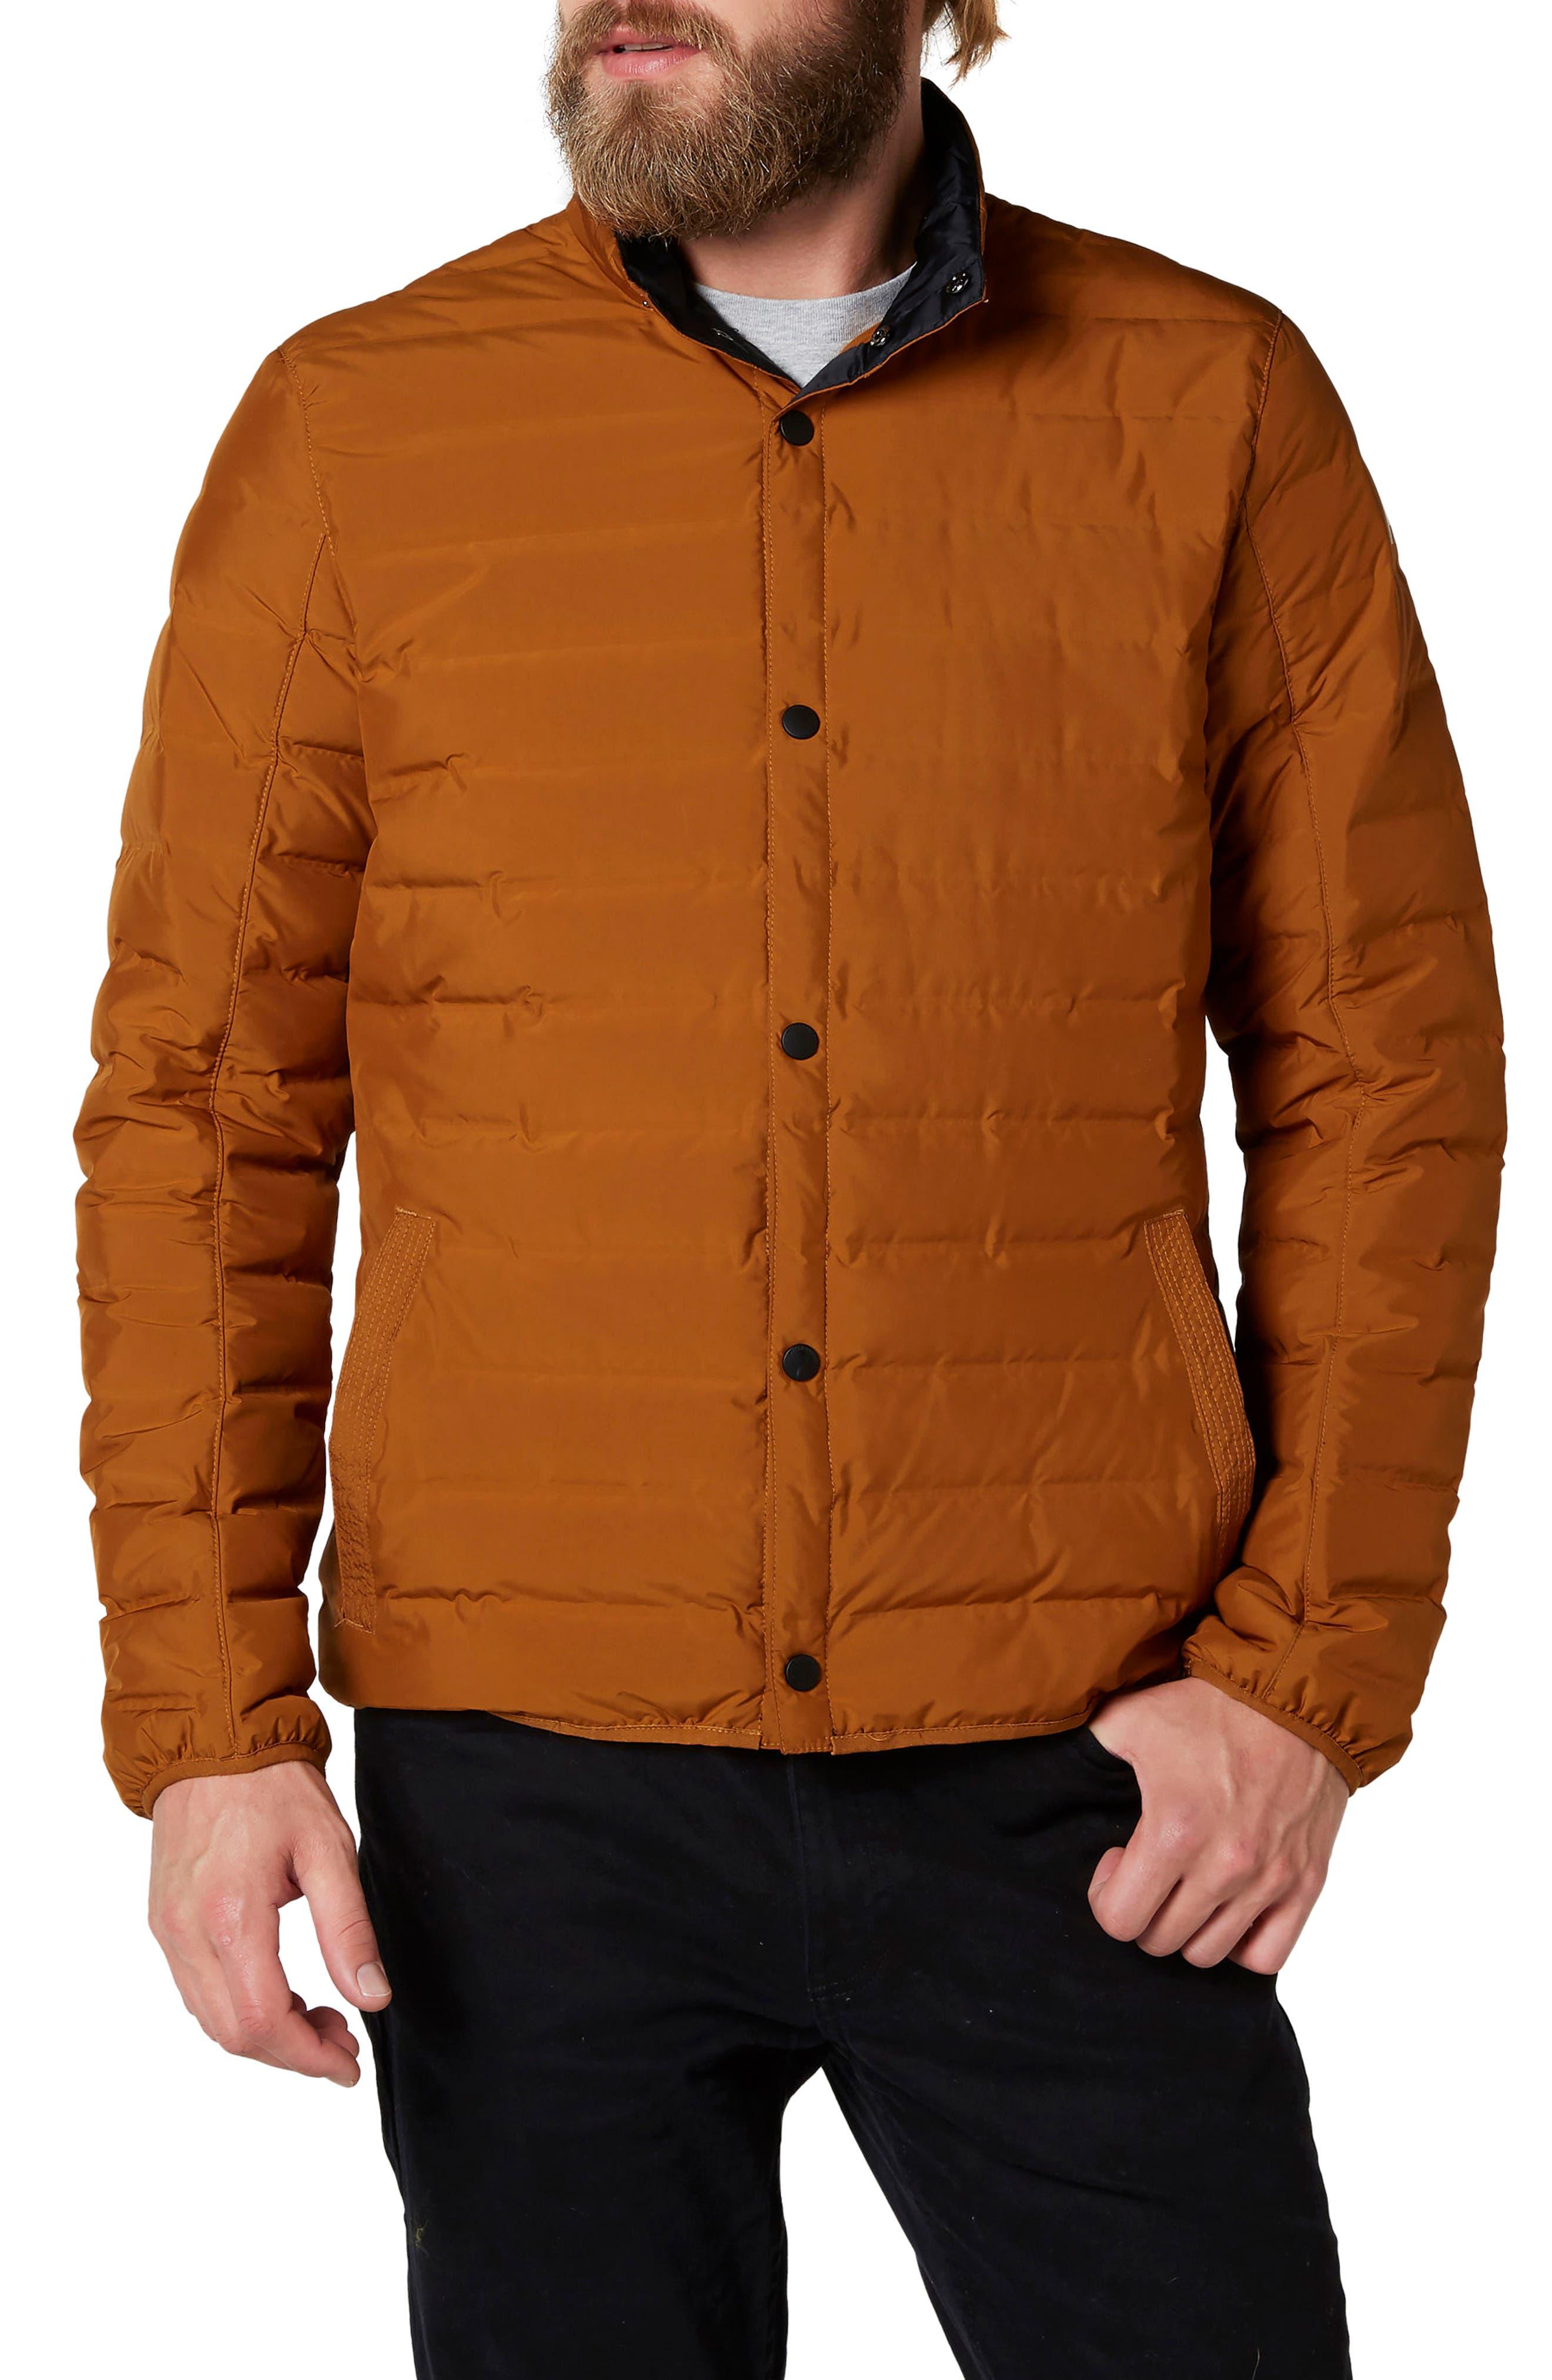 Urban Liner Jacket,                         Main,                         color, Cinnamon